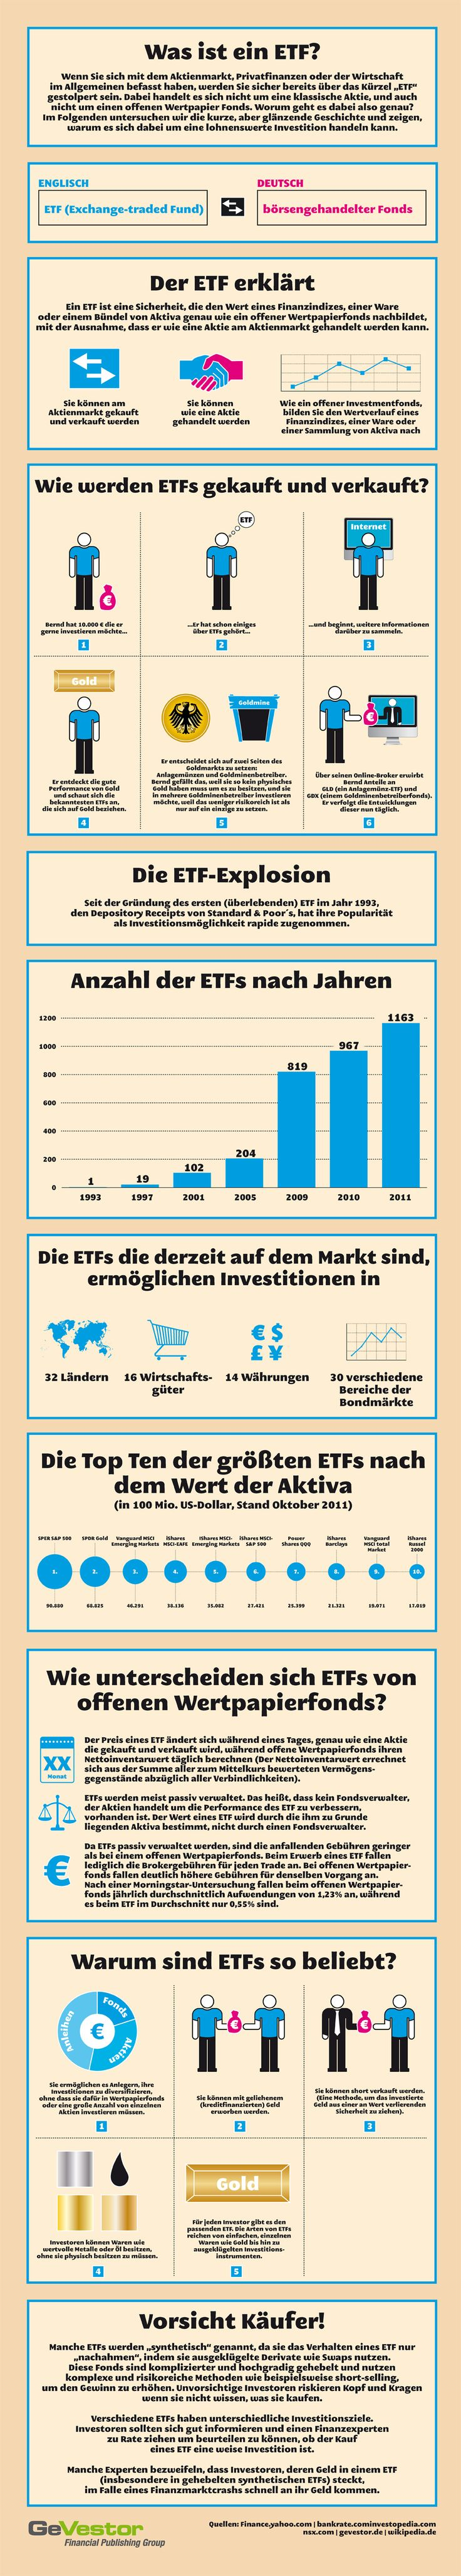 Börsengehandelte Fonds (ETFs) sind seit einigen Jahren in aller Munde und gelten einigen als Allheilmittel.  Doch wie genau funktioniert diese Anlagemethode eigentlich? Und was gibt es zu beachten? Eine kleine Übersicht.